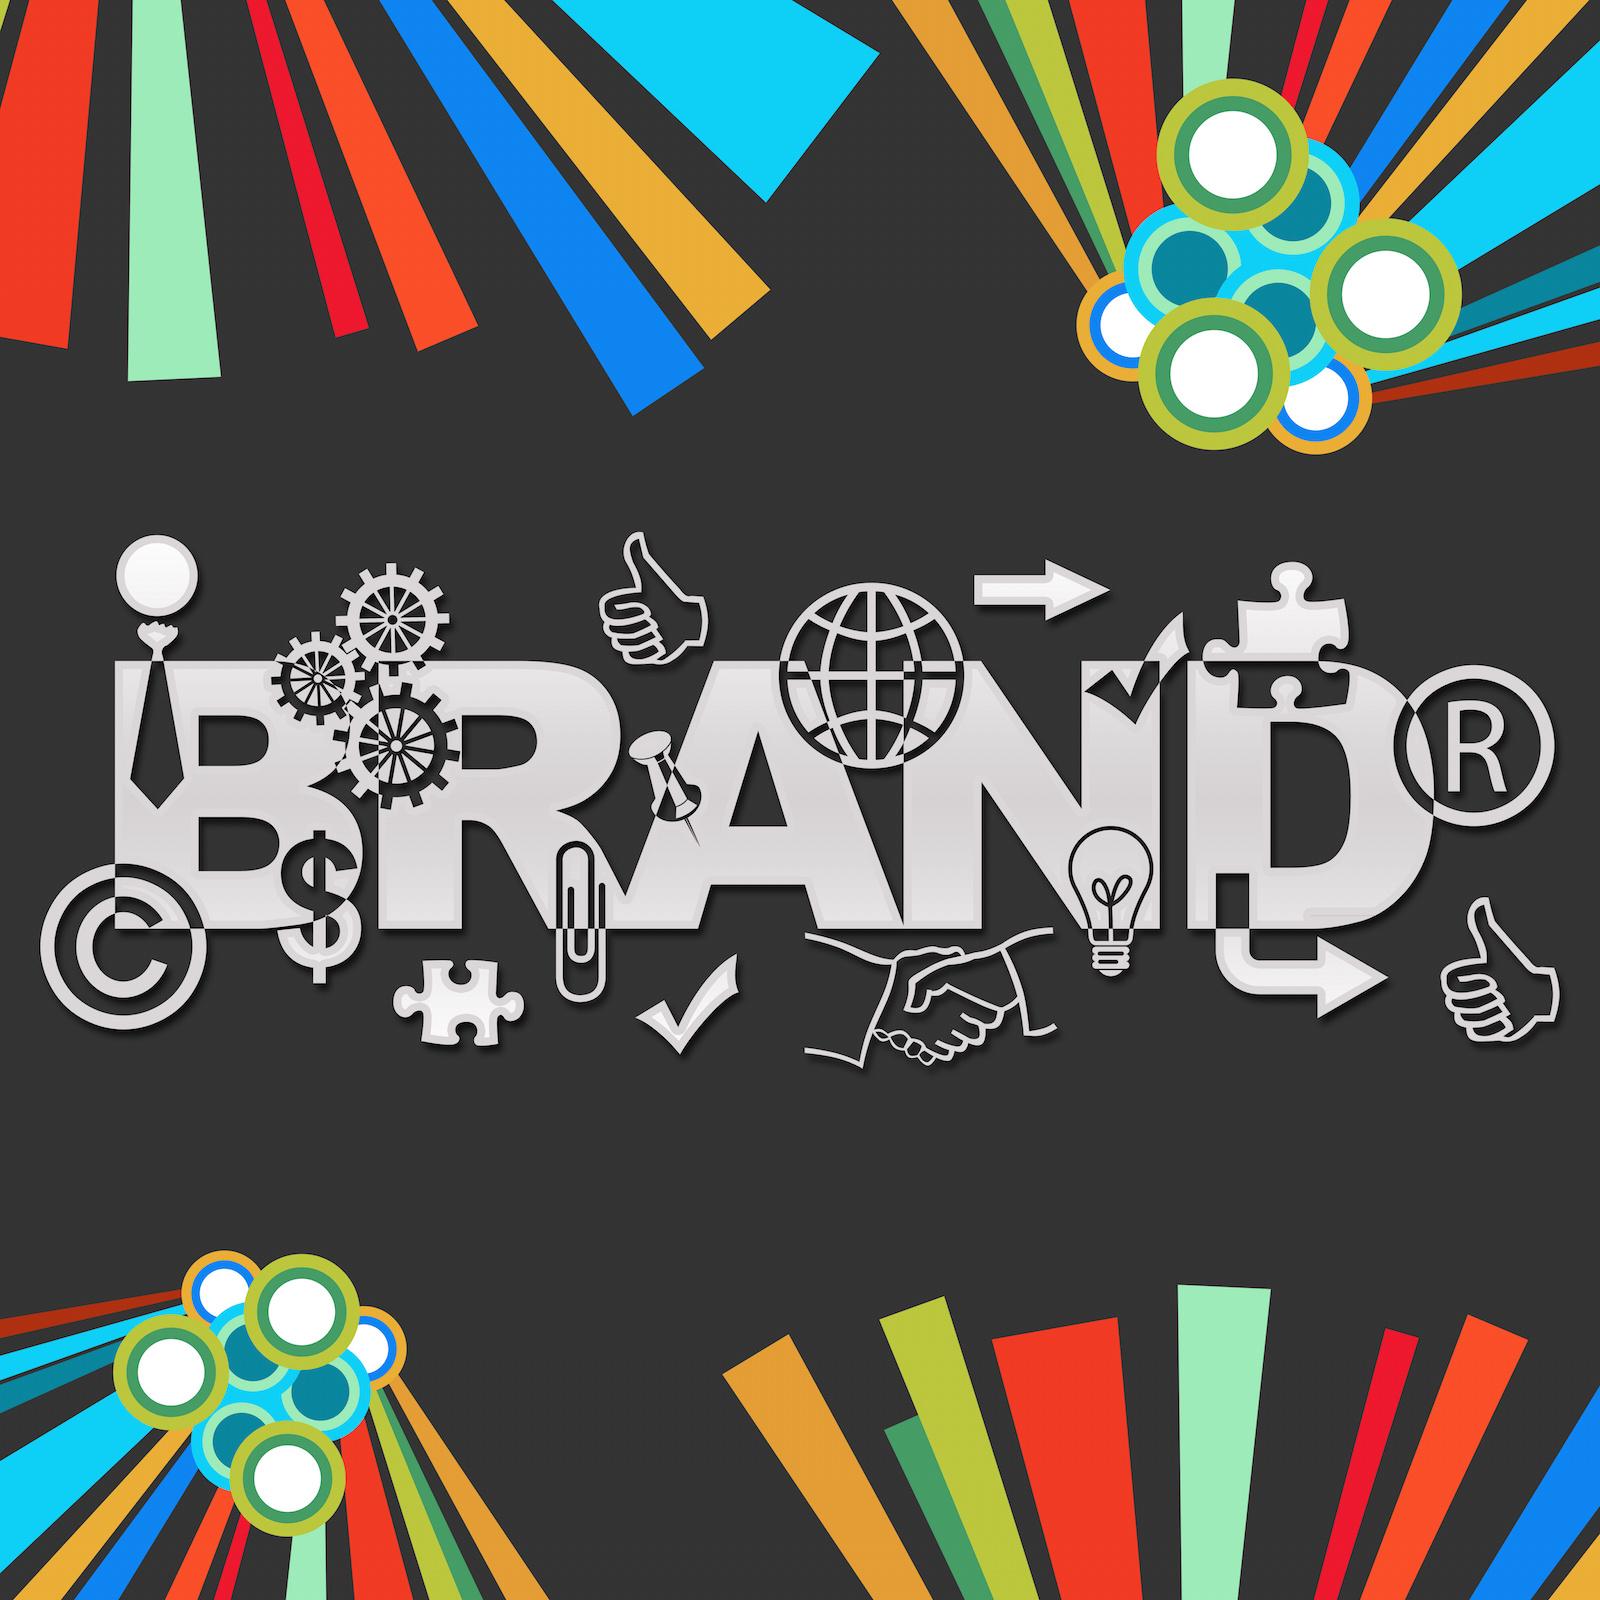 La marca gráfica como herramienta de identificación de las marcas